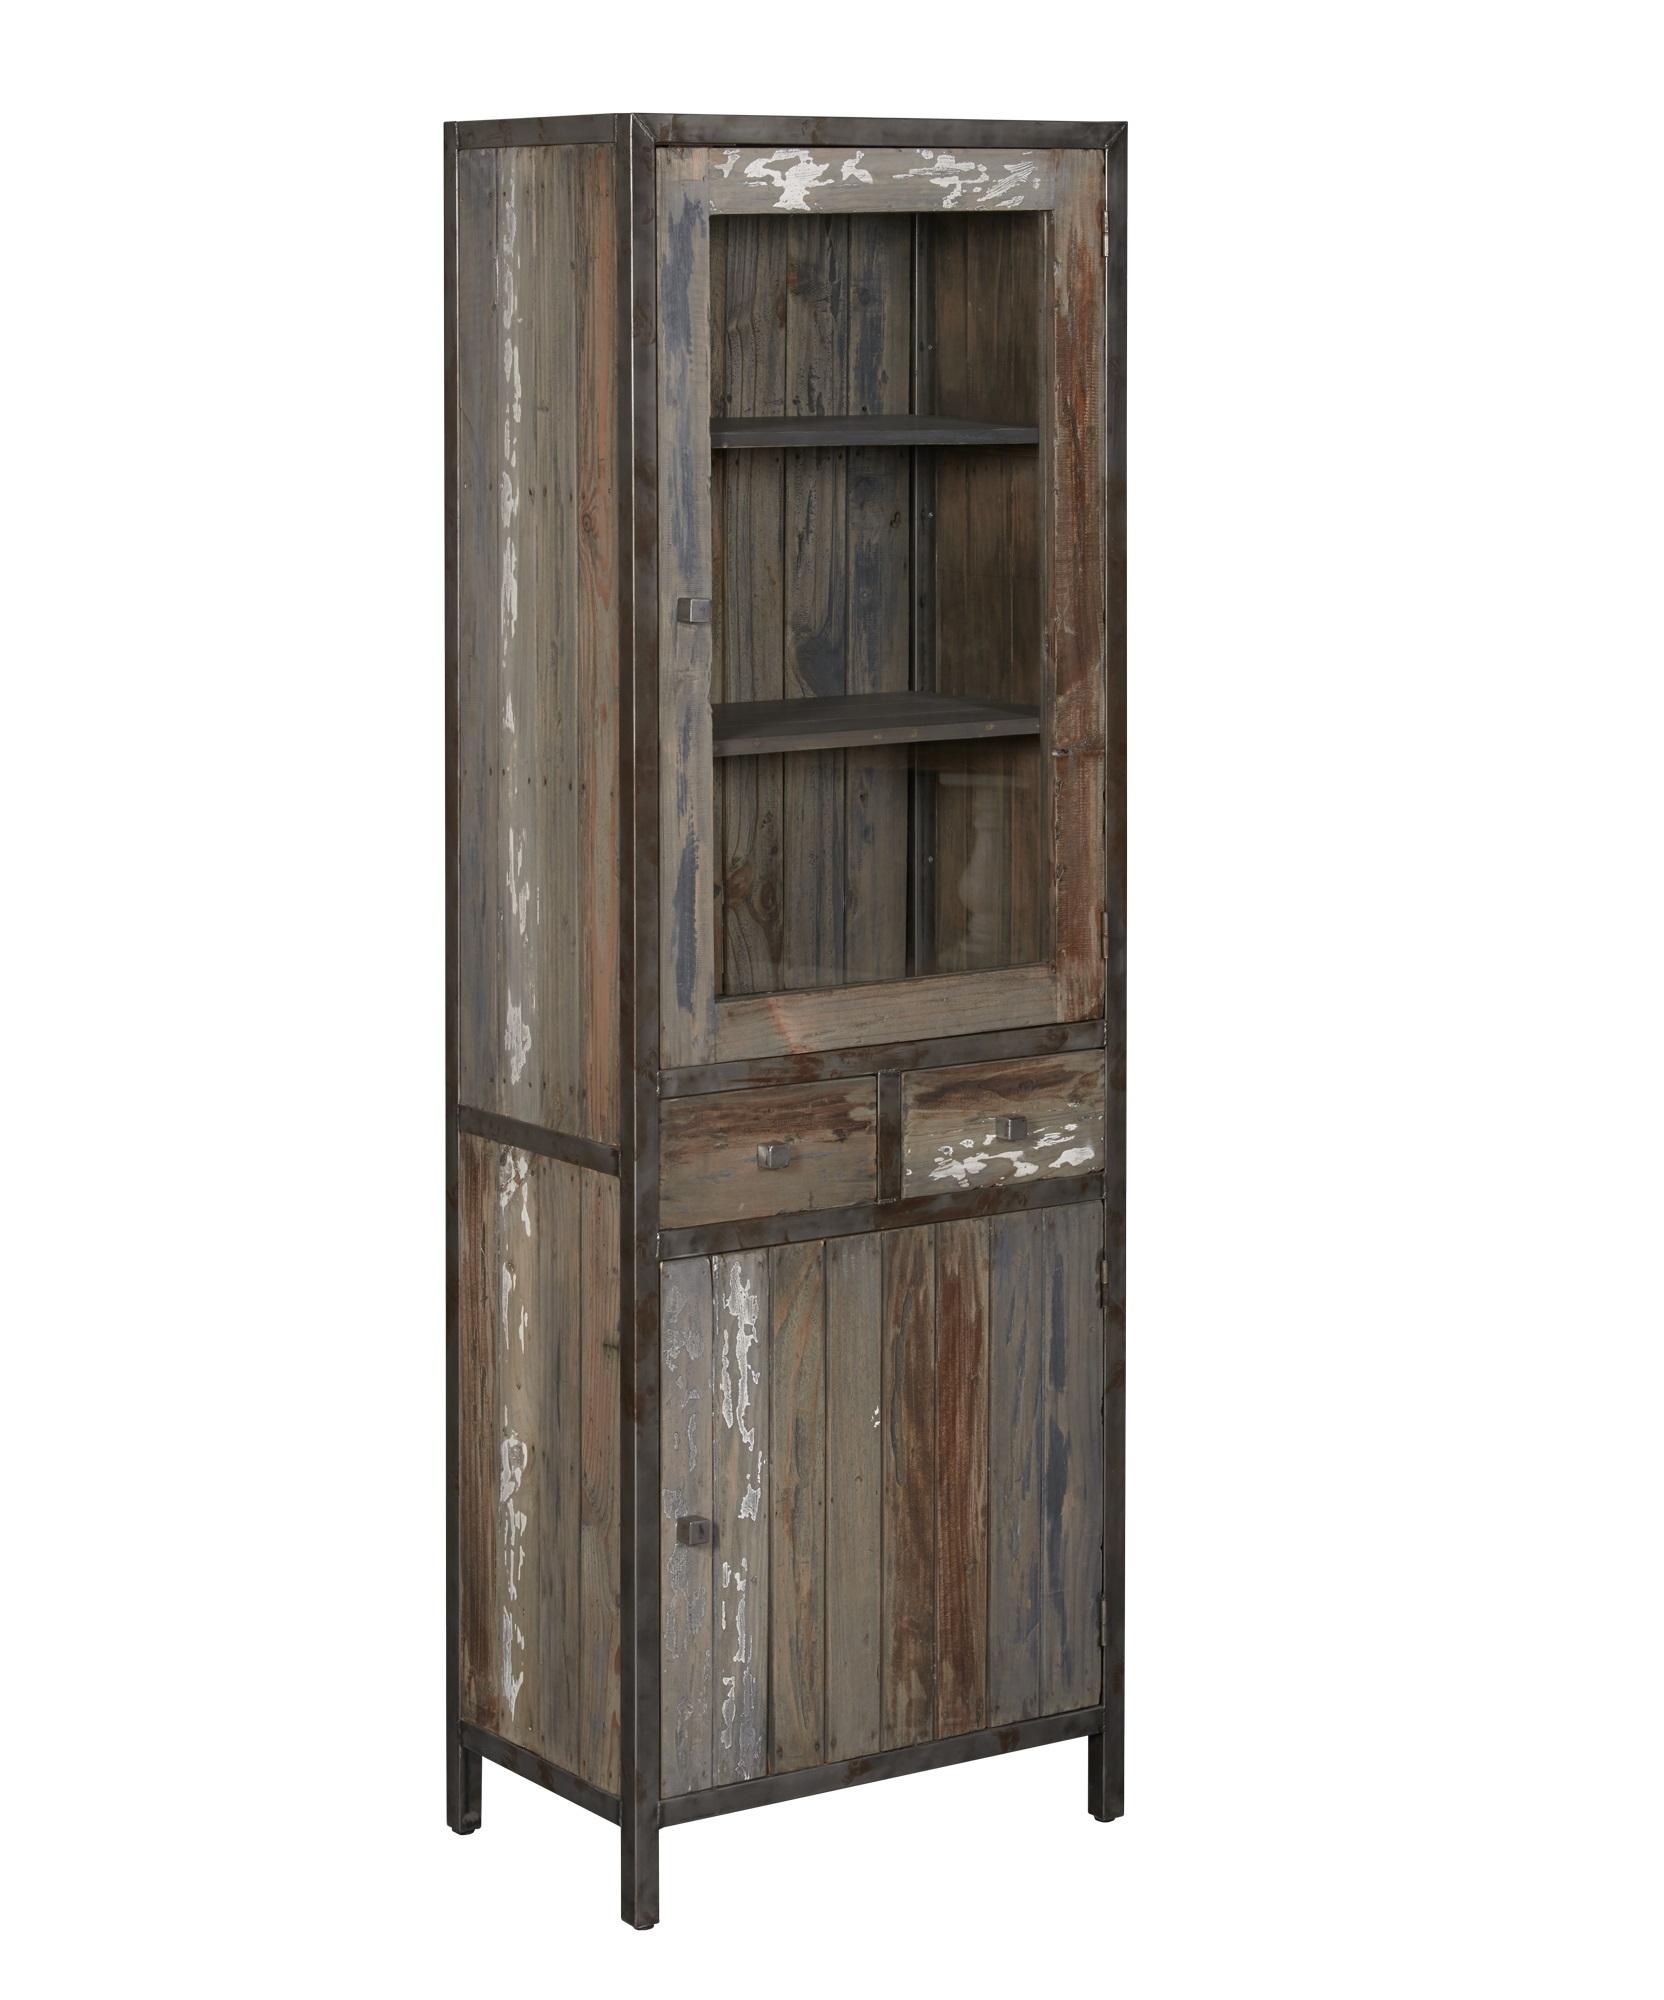 kasten-wouter-vitrinekast-towerliving-KL 0142-65cm-oud grenen-grijs-vintage-metaal-industrieel